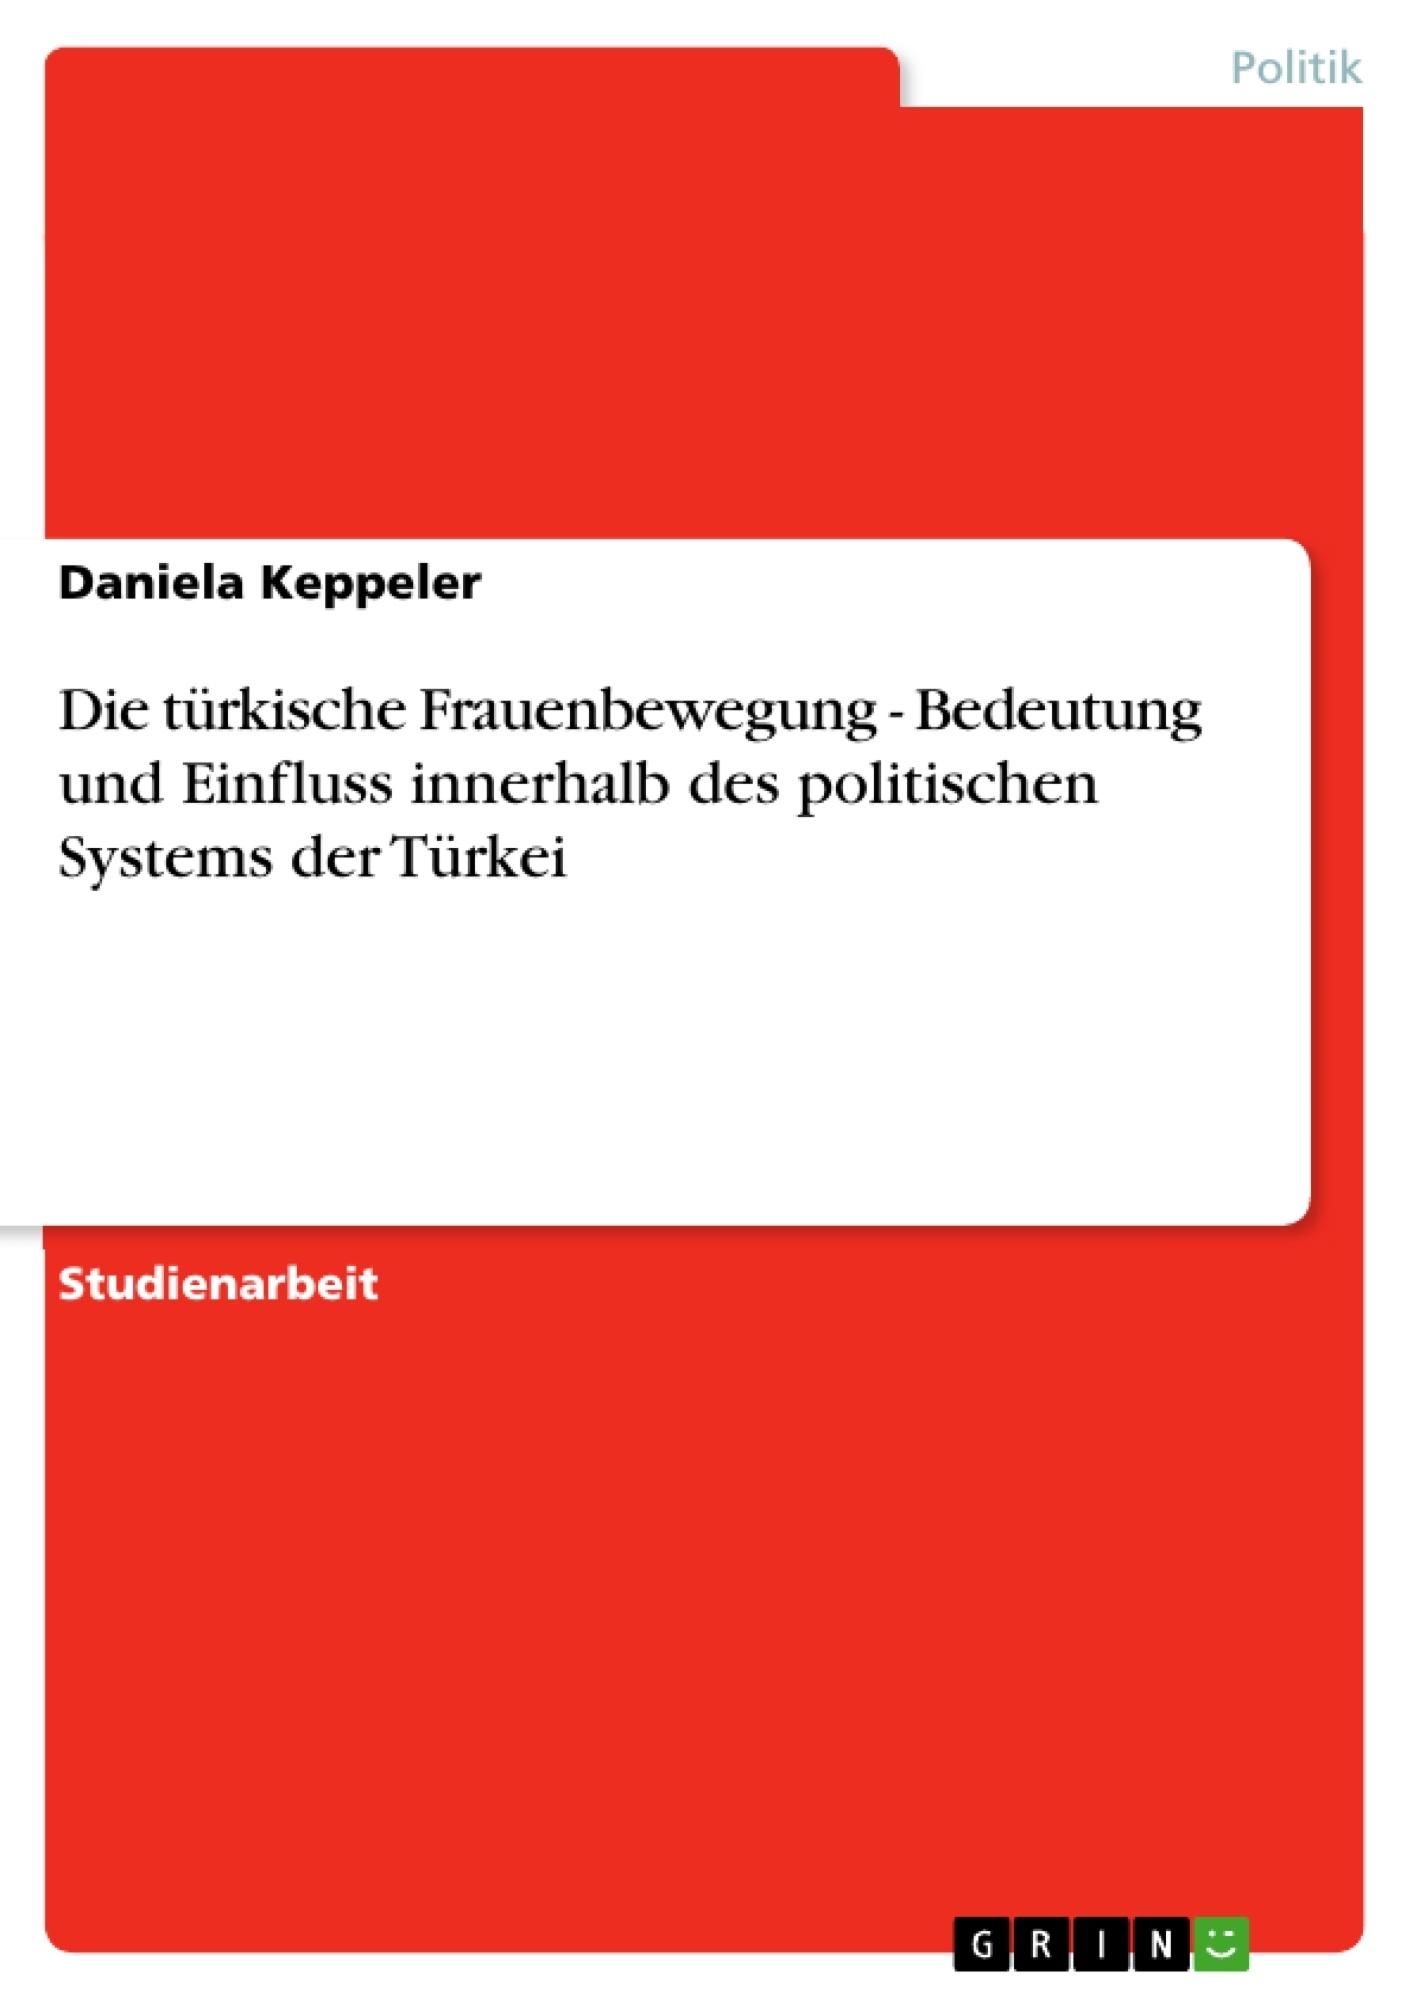 Titel: Die türkische Frauenbewegung - Bedeutung und Einfluss innerhalb des politischen Systems der Türkei